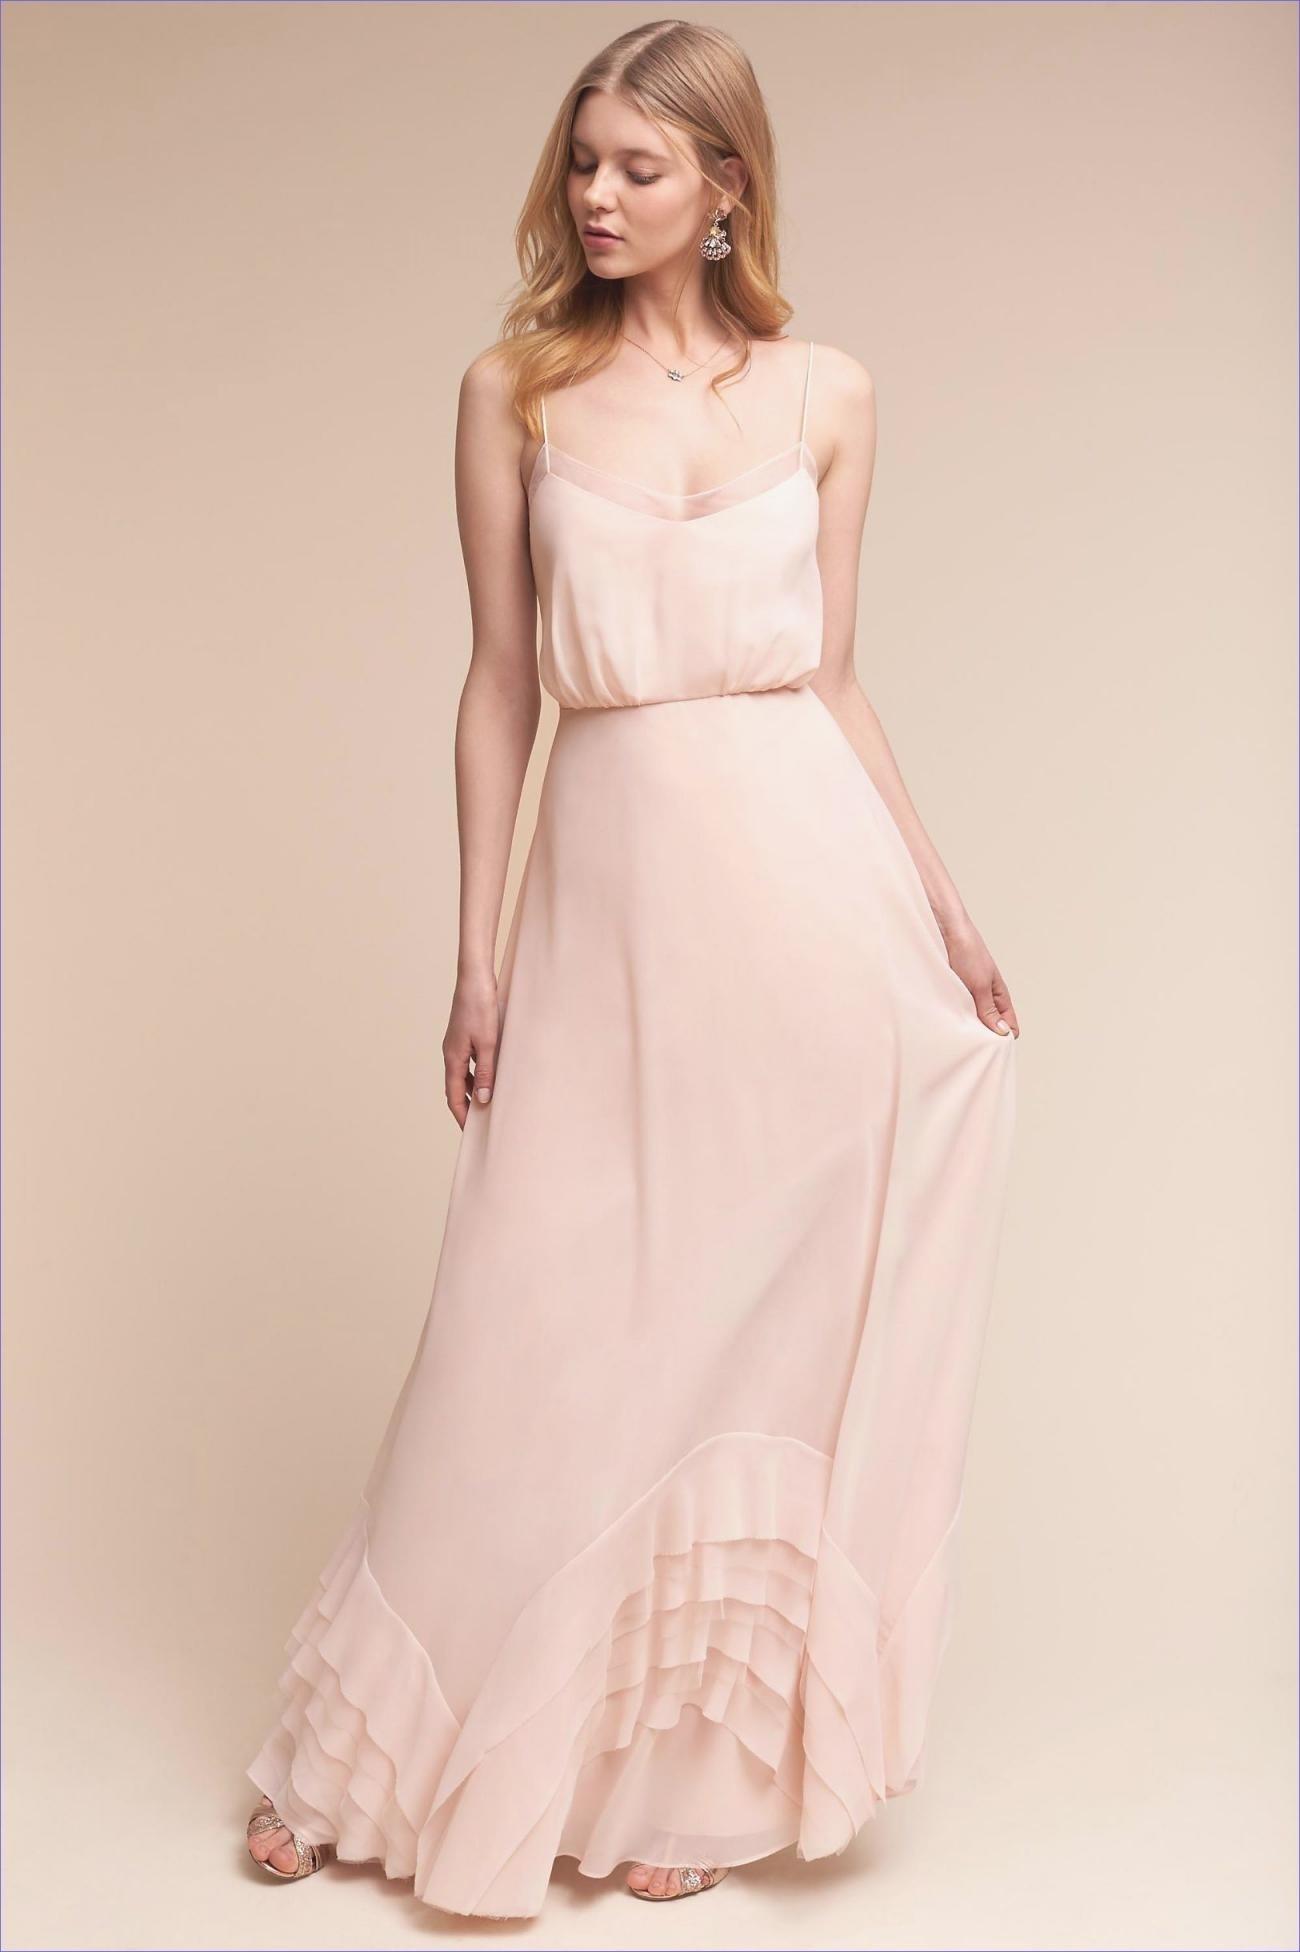 Formal Perfekt Rosa Kleid Für Hochzeit Spezialgebiet13 Einfach Rosa Kleid Für Hochzeit Galerie